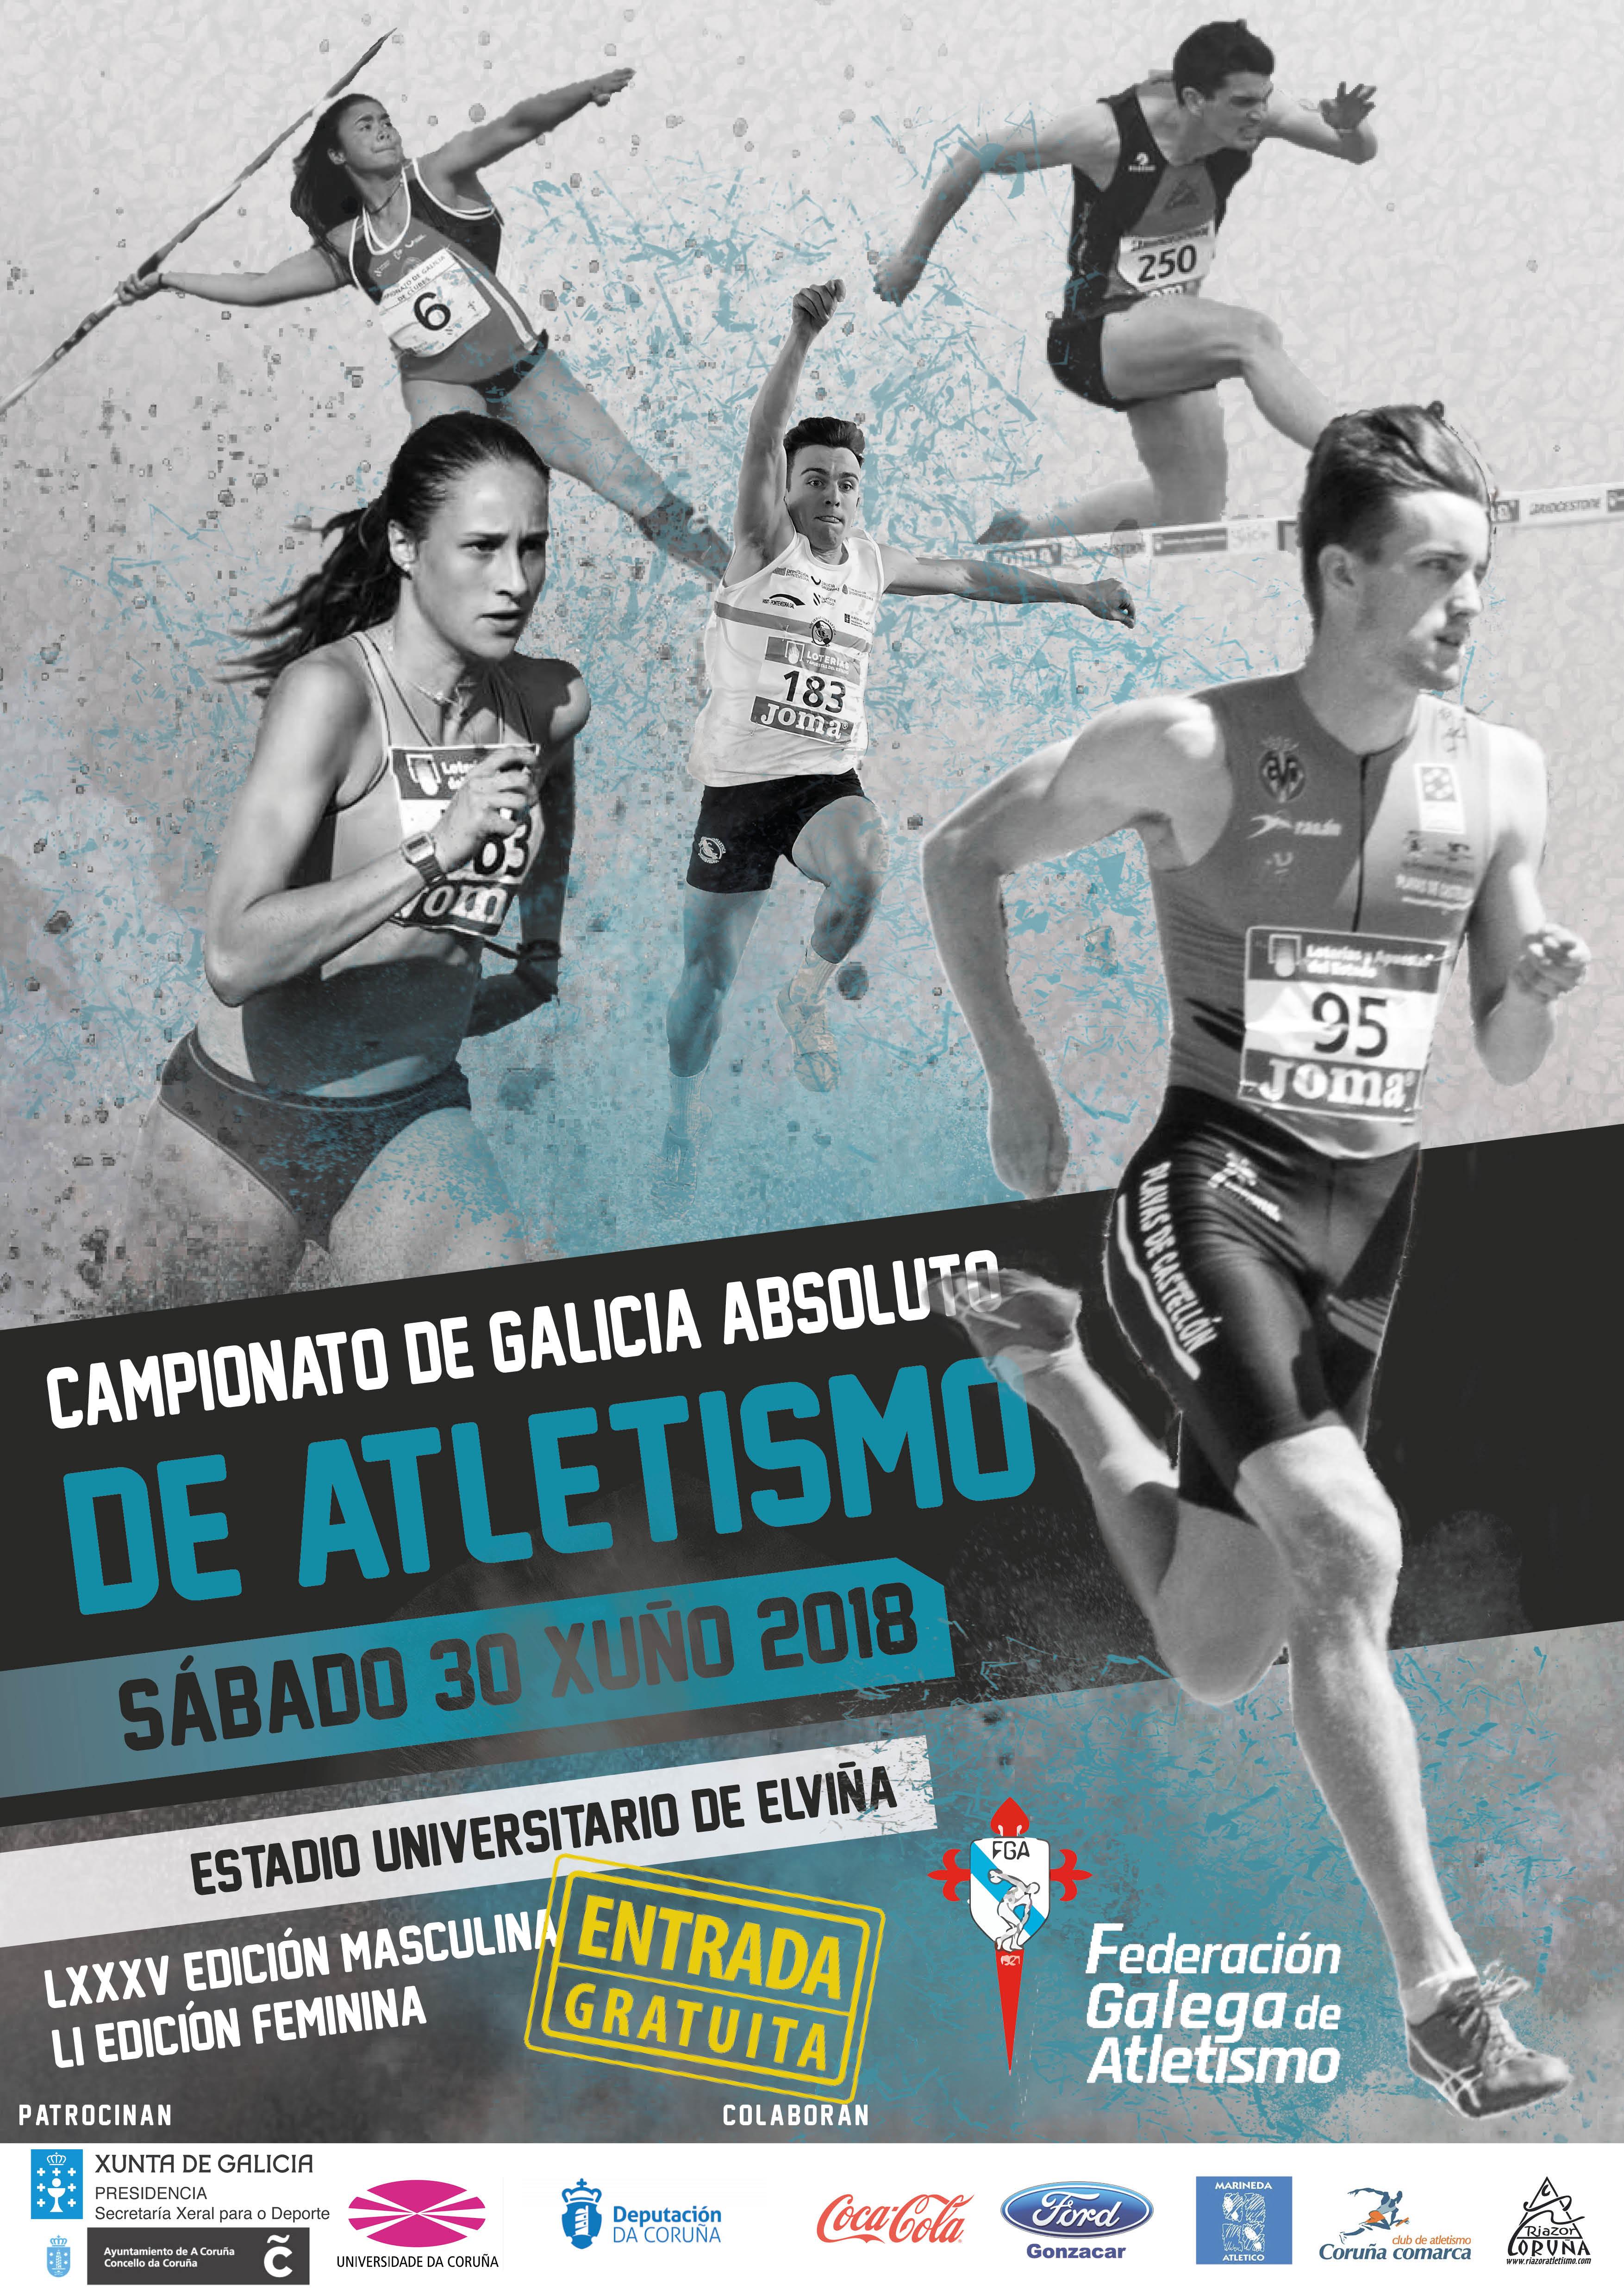 LXXXV Campionato de Galicia Absoluto Masculino – LI Campionato de Galicia Absoluto Feminino en Pista ao Aire Libre